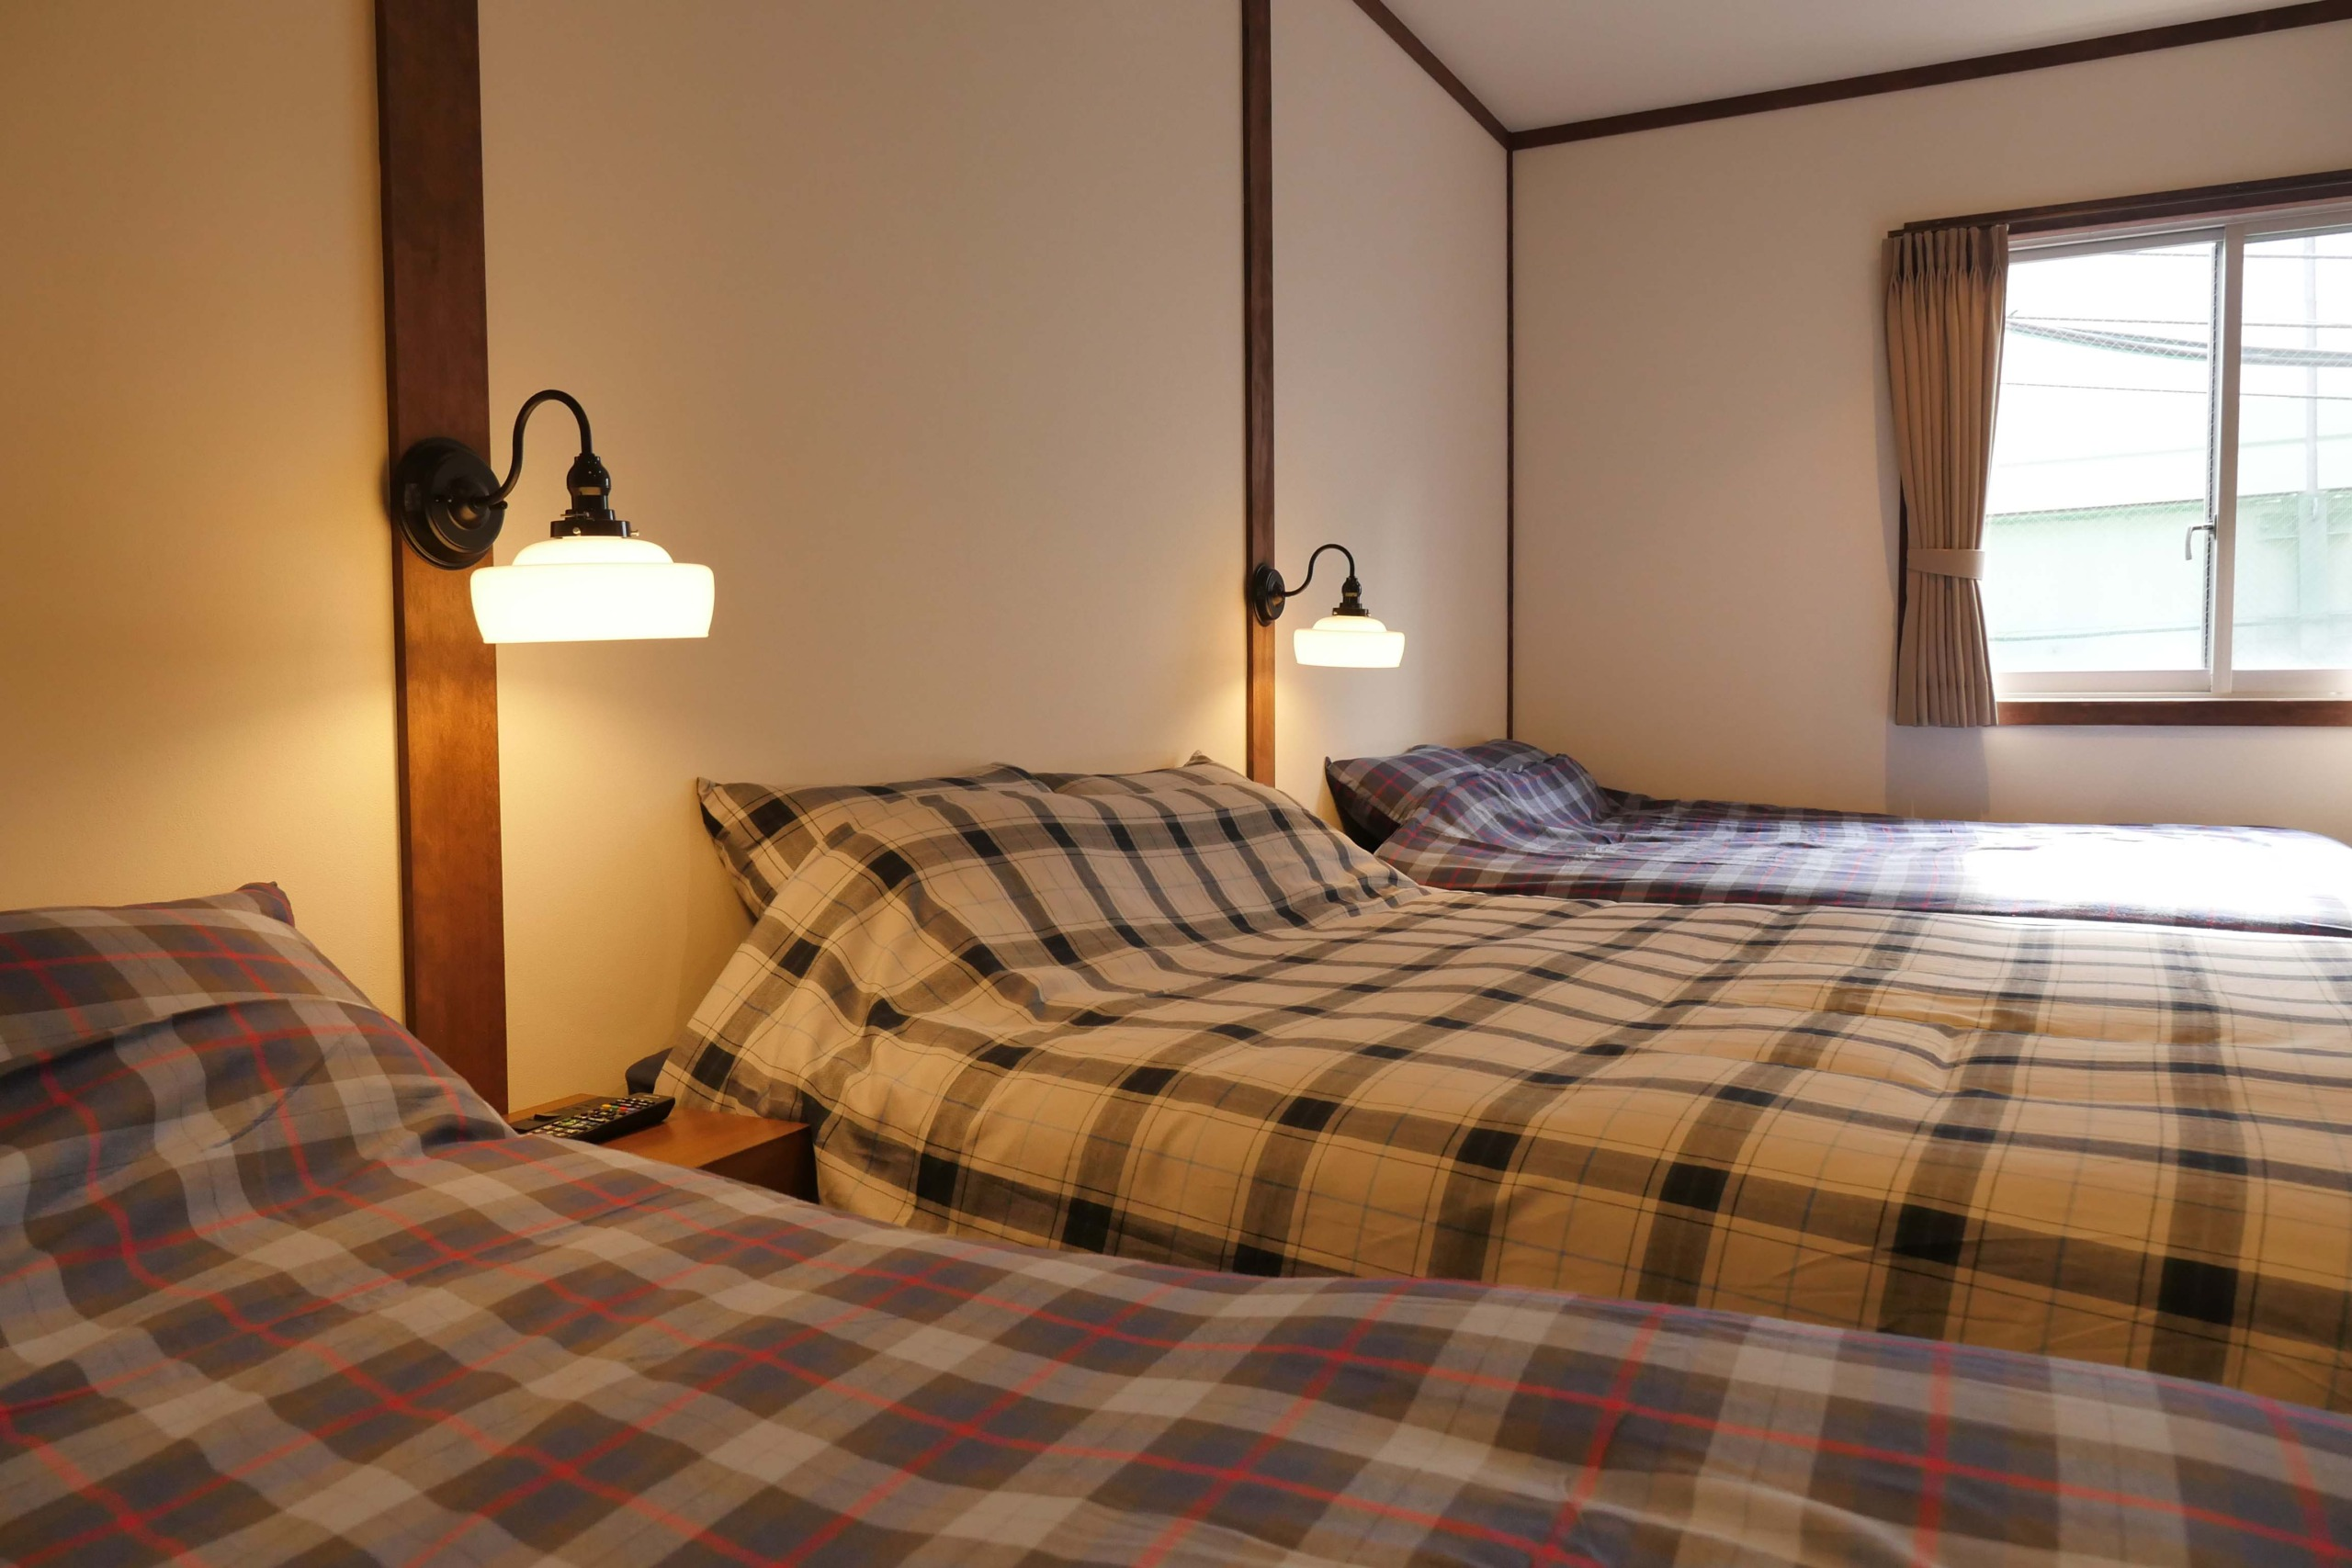 HOTEL S-PRESSO EBISU